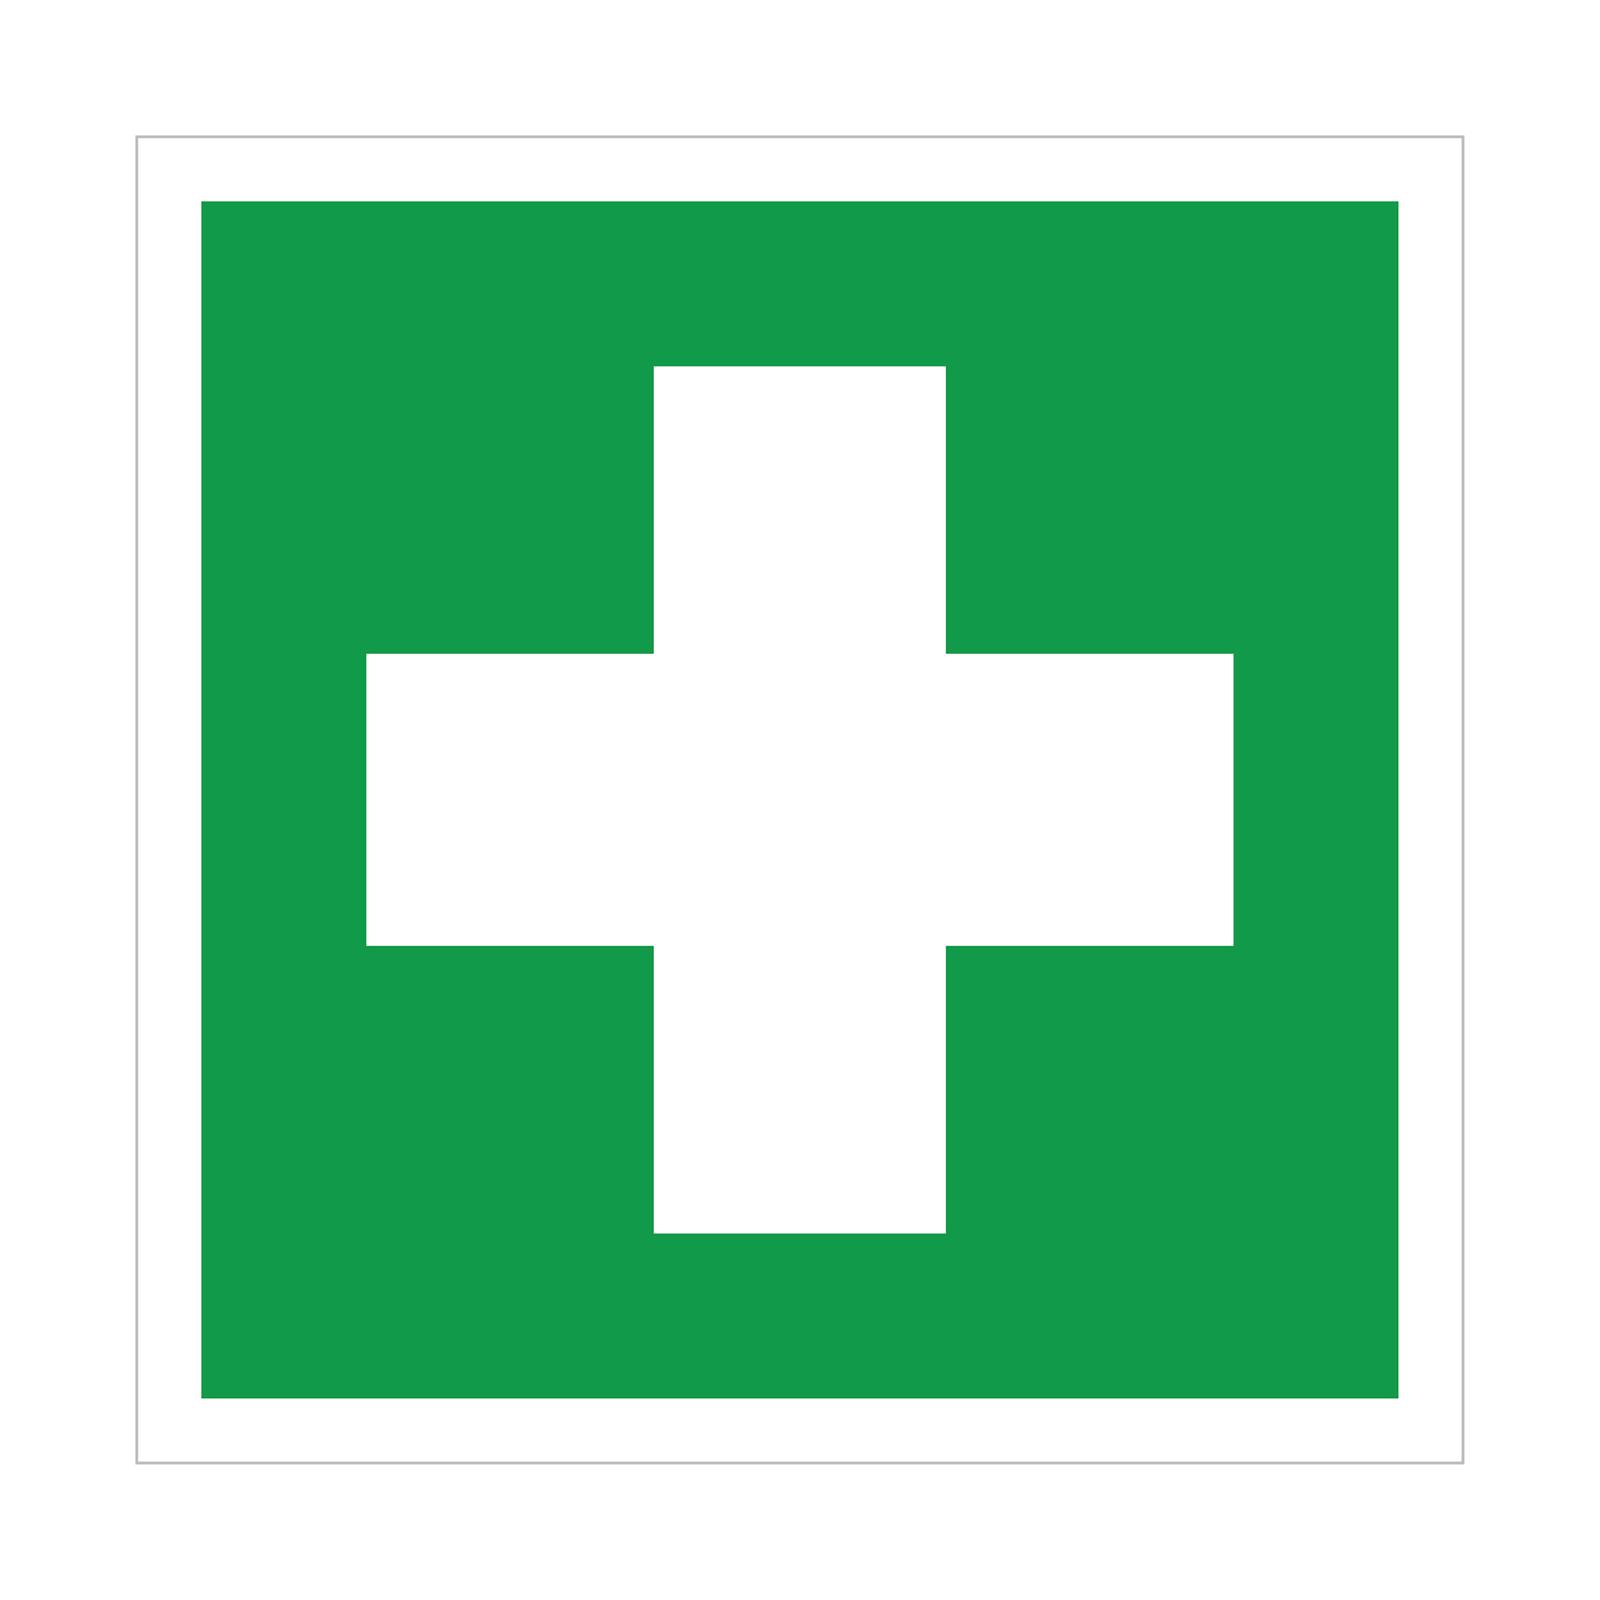 Ilustracja przedstawia zielony kwadrat zbiałą ramką wokół krawędzi. Wśrodkowej części biały krzyż.